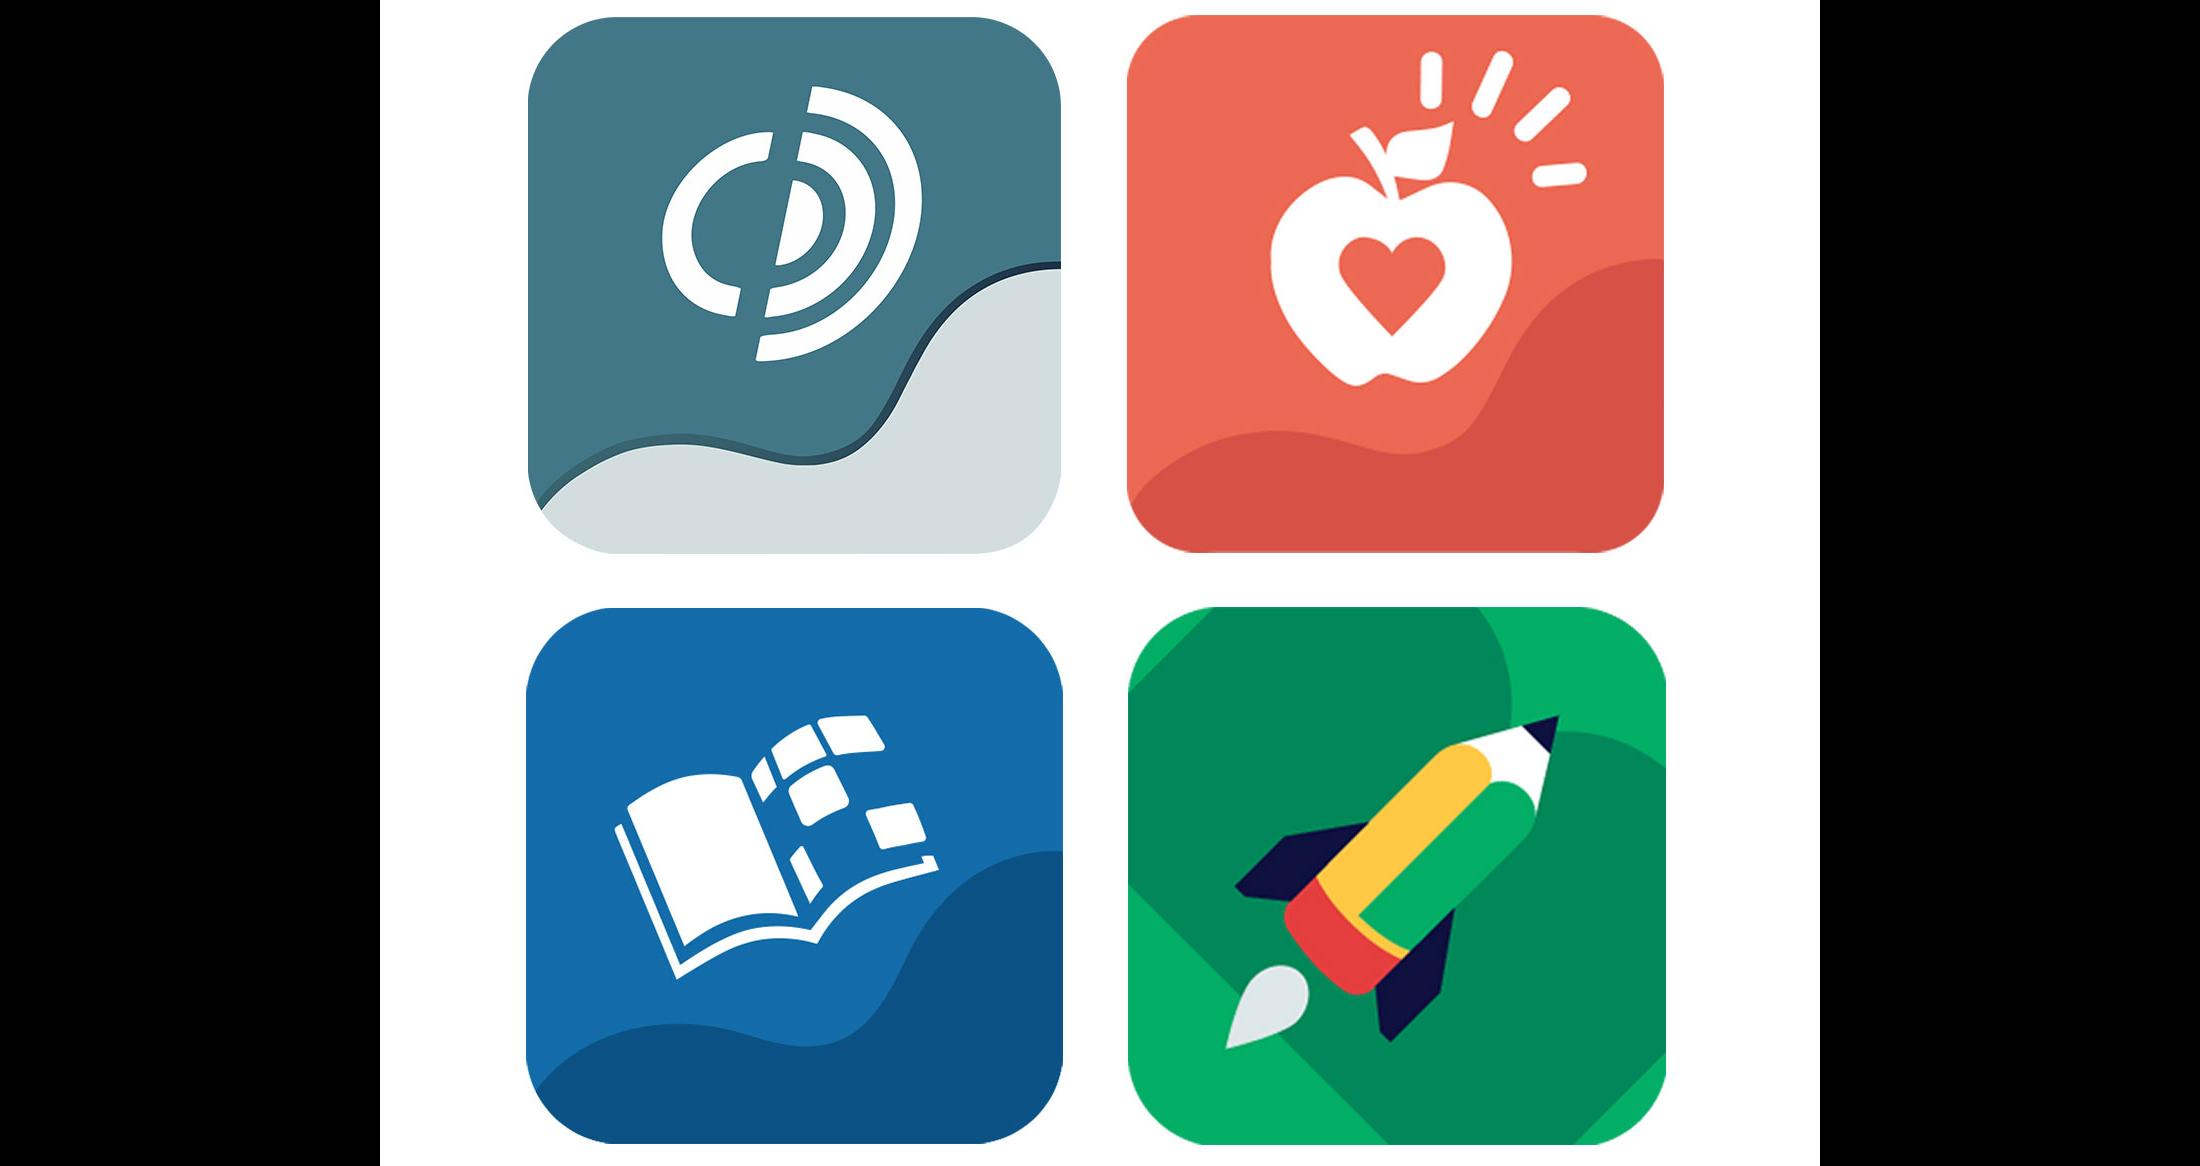 Set bestehend aus vier Logos von Kommunikations-Apps von Tobii Dynavox